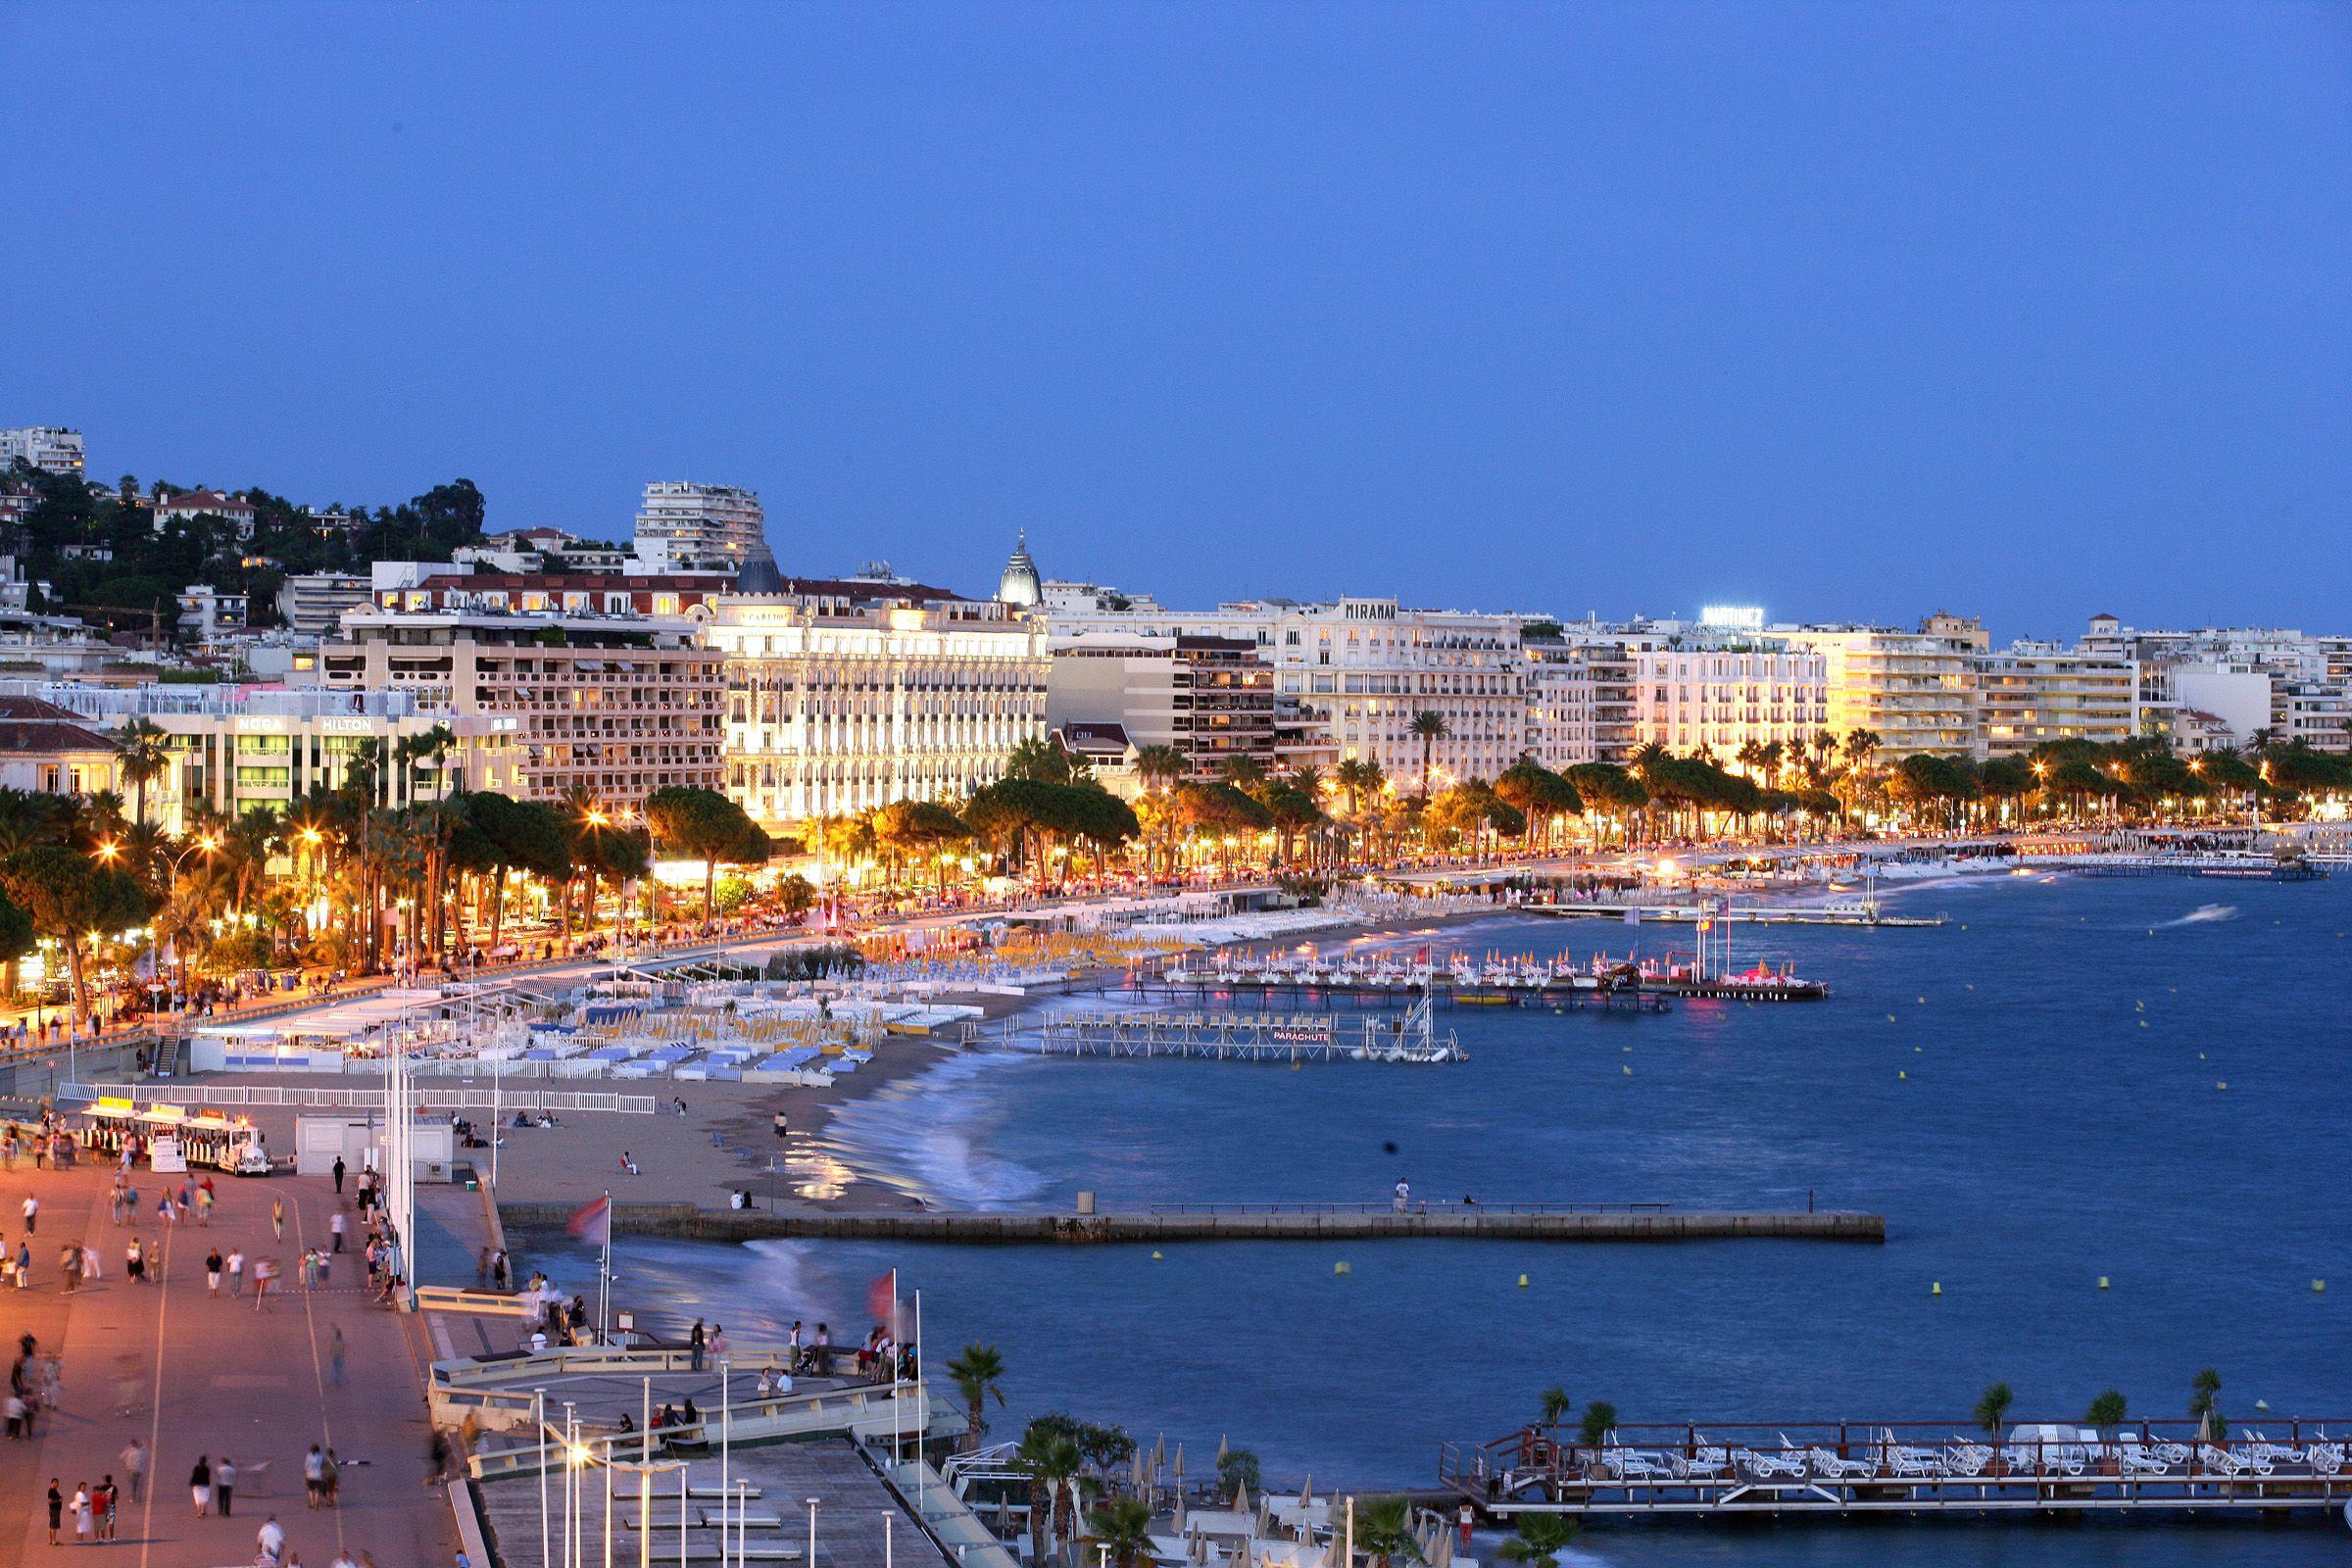 La Côte d'Azur, c'est beau, et bien plus encore ! Le climat y est parfait et les paysages féeriques, les gens sont décontractés et savent mieux que personne ce que l'expression